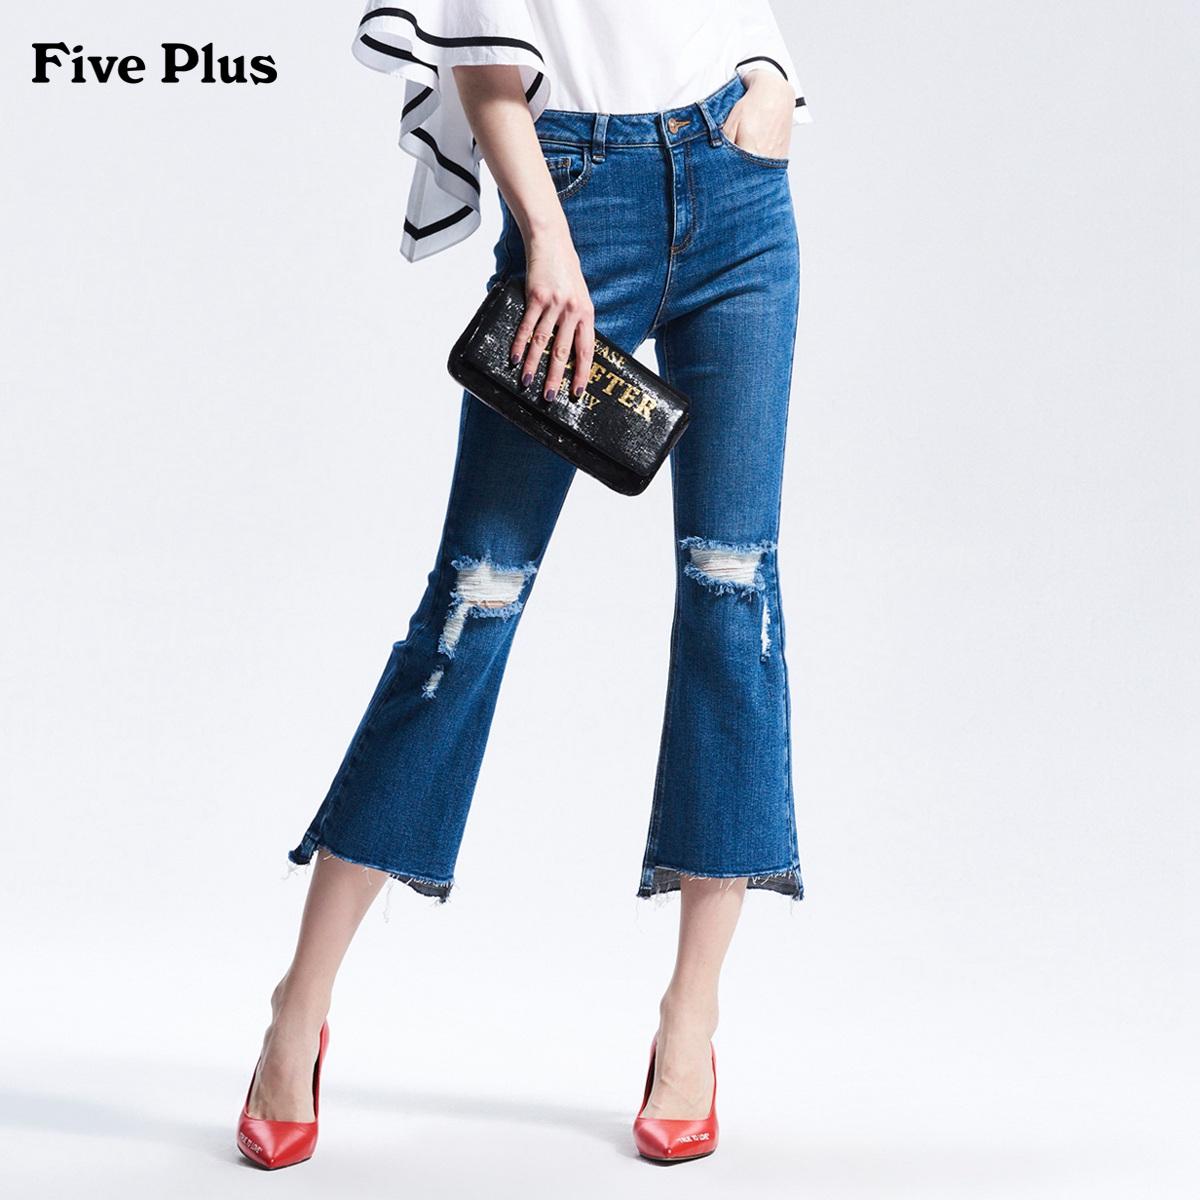 Five Plus2018新品女夏装破洞牛仔裤女中腰毛边喇叭裤棉质长裤潮